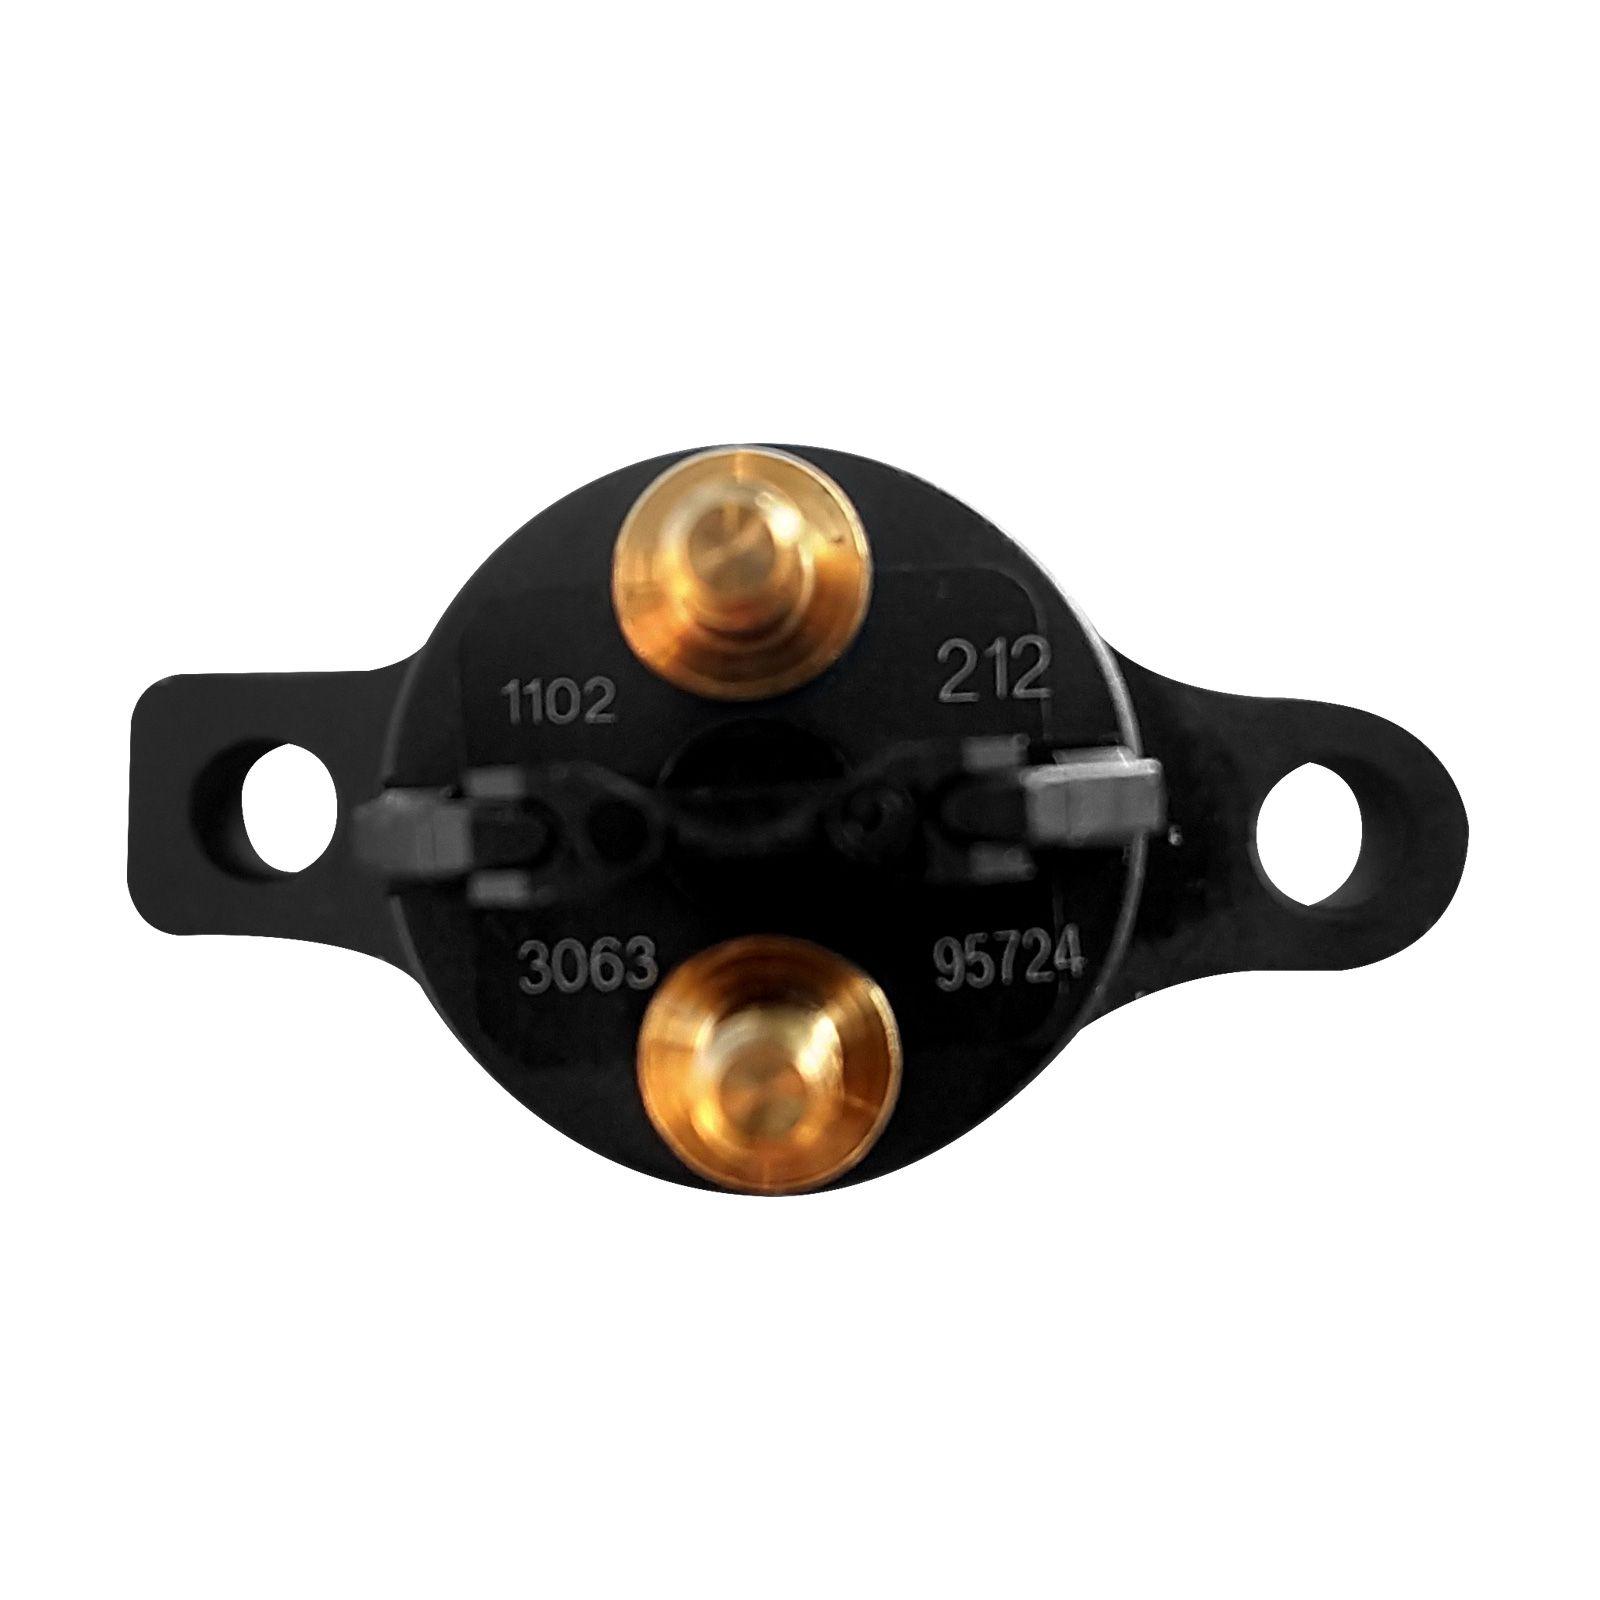 Bico Injetor 23250 6.0 12V CARGO 3.9 8V C CARGO 5.9 12V  Constellation 6.0 12V  Delivery 3.8 8V F250 3.9 16V 0445120212